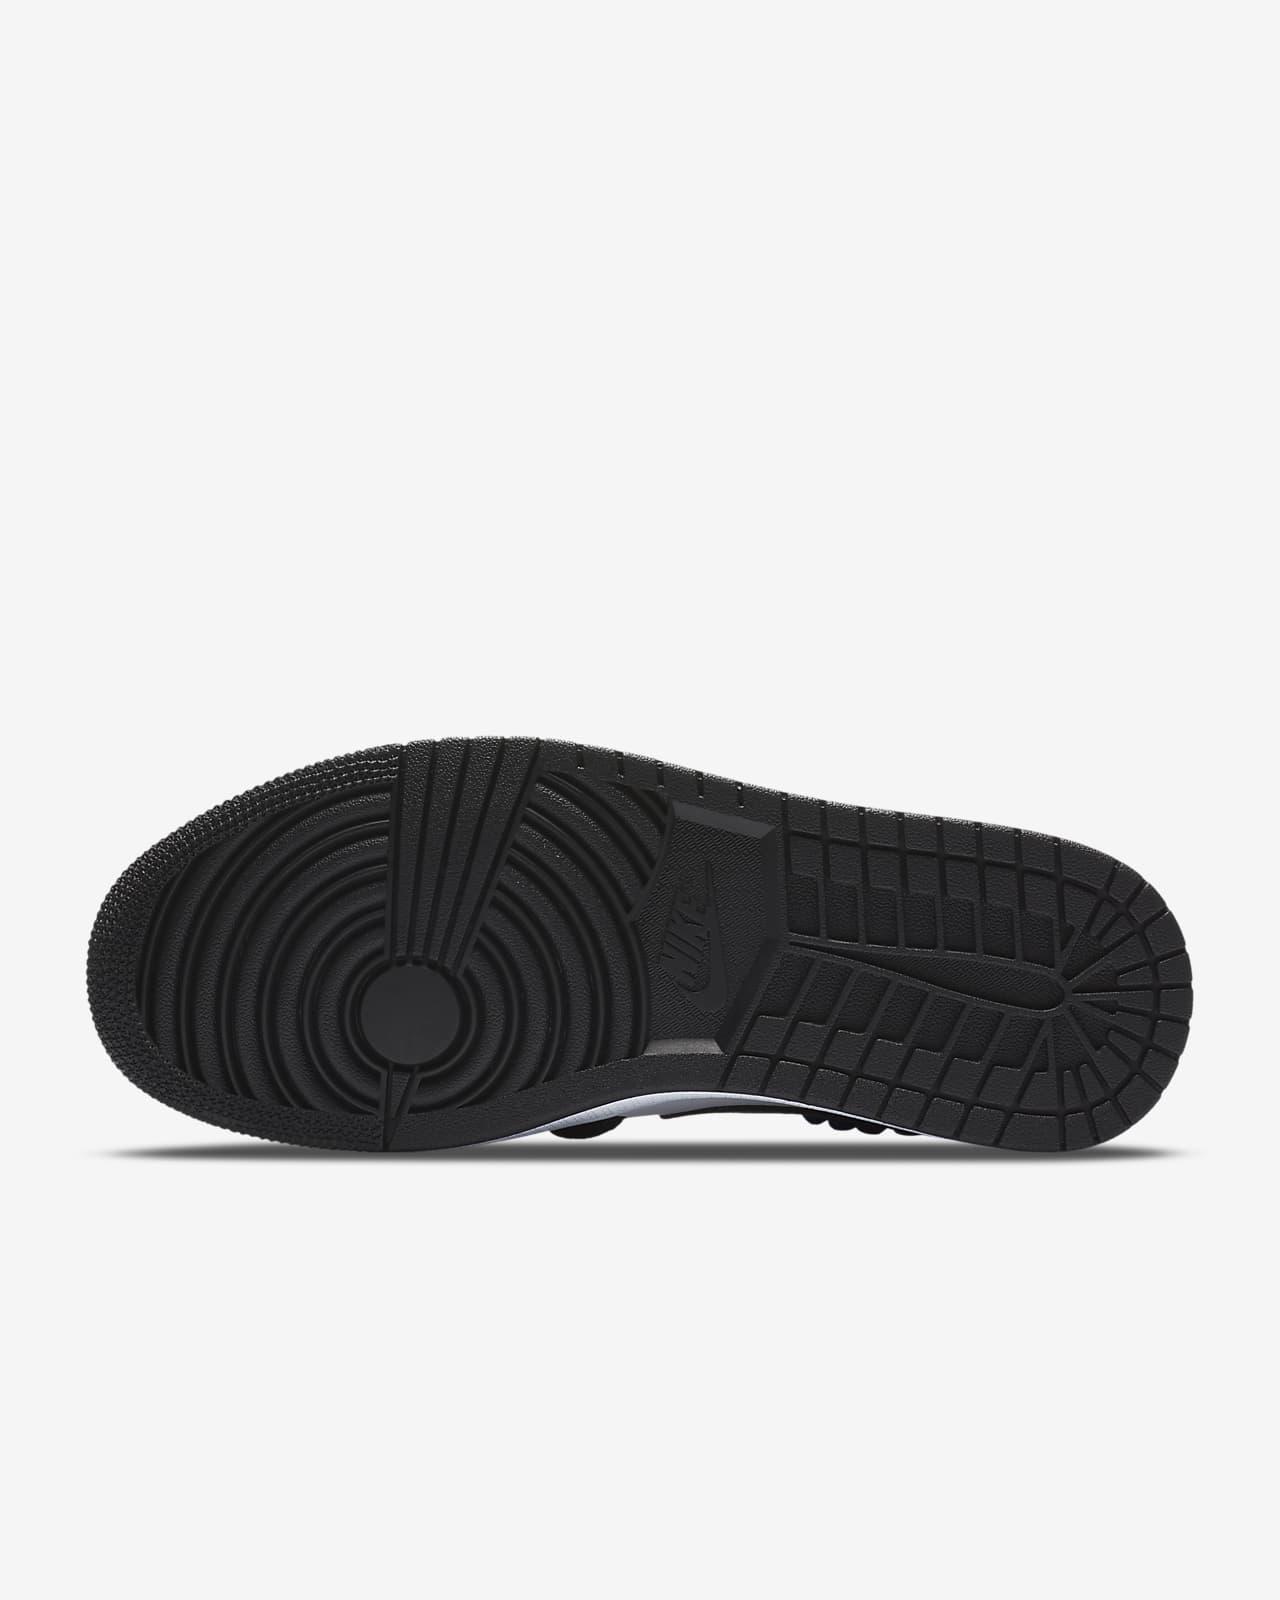 sneakers air jordan 1 donna